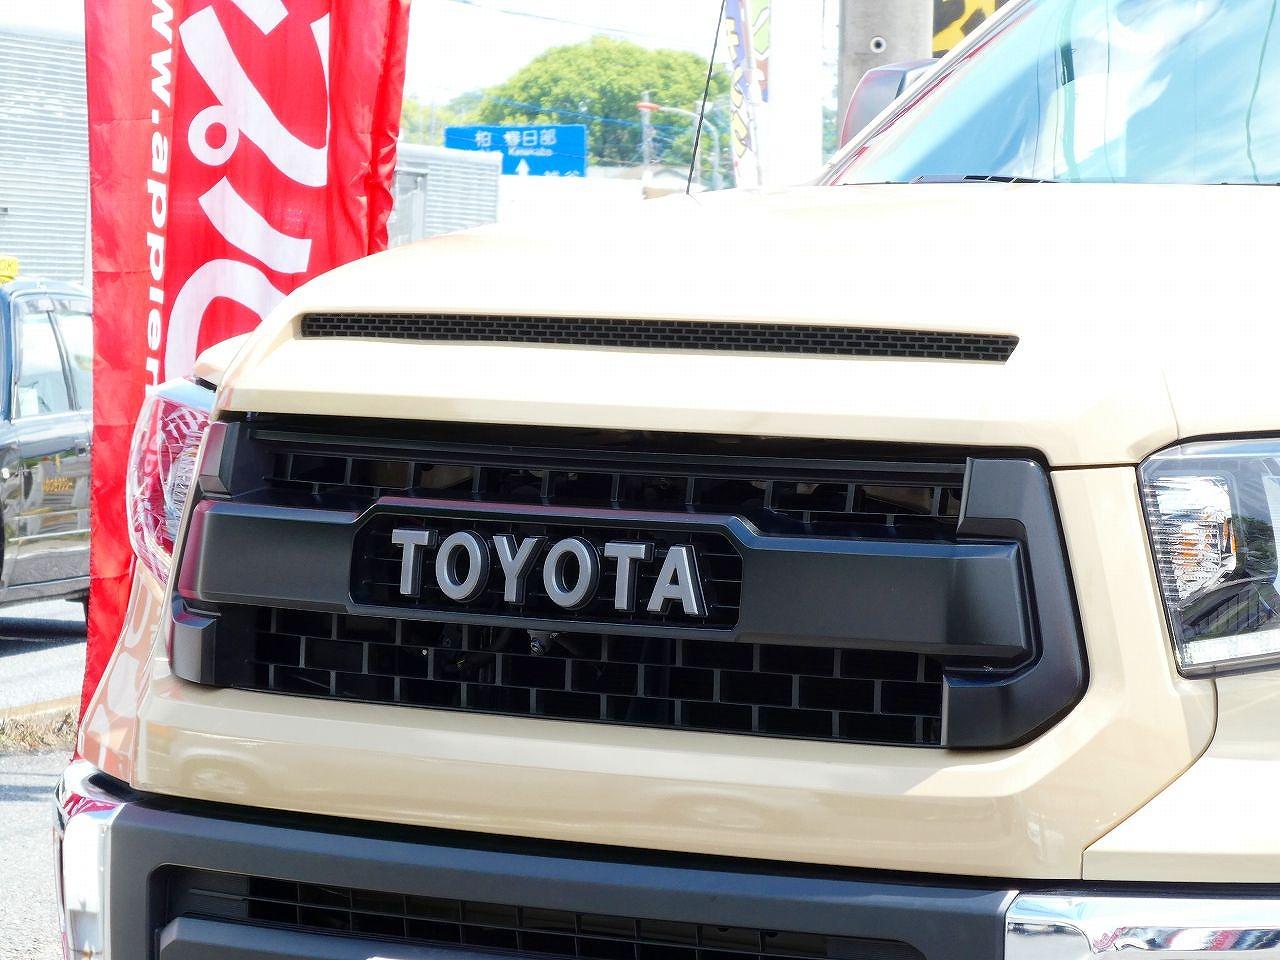 新車並行2017年 タンドラ 4WD クルーマックス SR5 リフトUP TRDプログリル KMC20インチAW KM3 ブッシュワーカーオーバーフェンダー LEER700ハードトノカバー ALPINEフルセグナビ